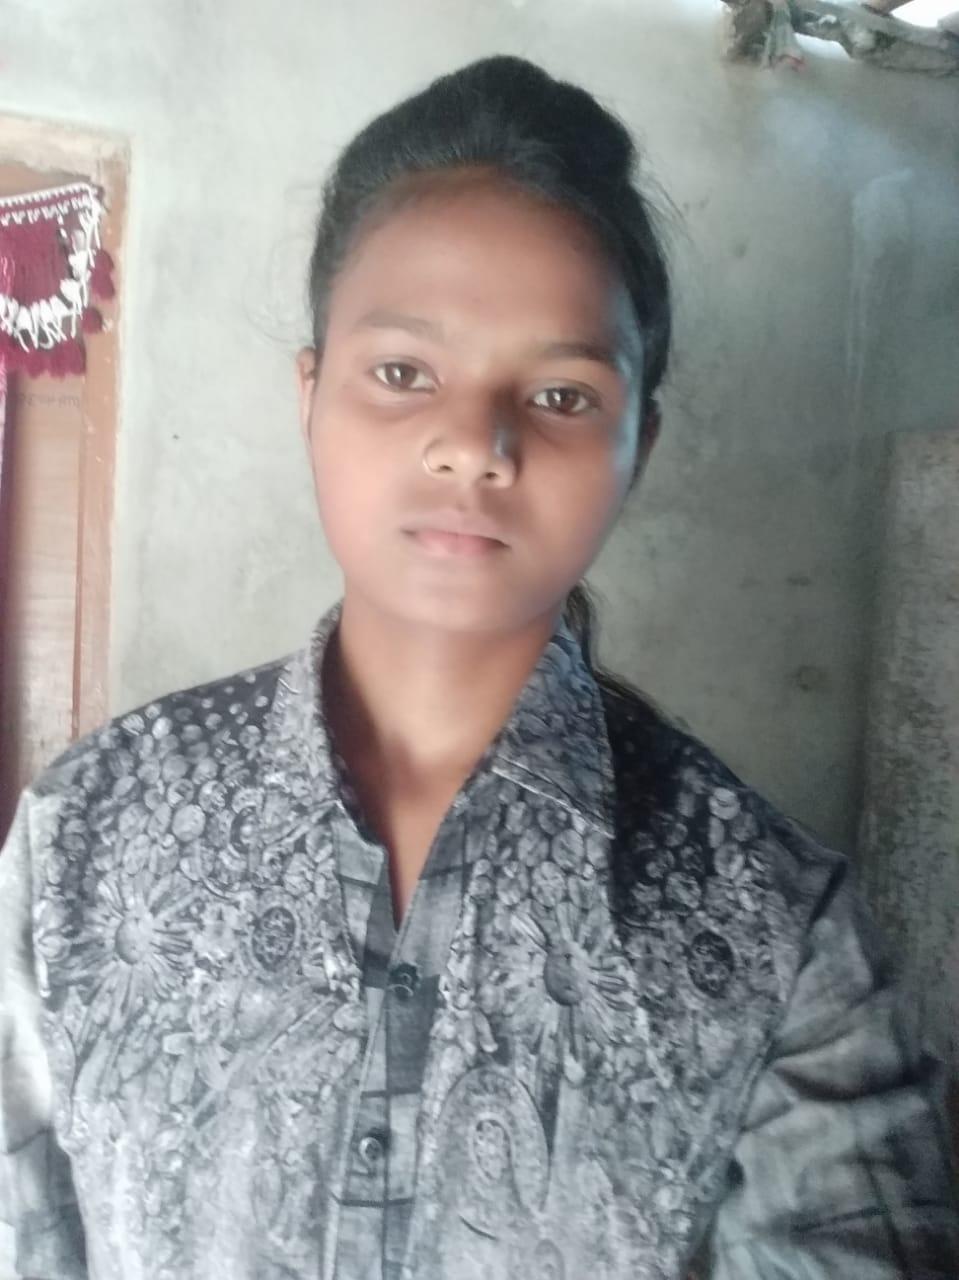 दीक्षा कुमारी ने 412 अंक लाकर कन्या उच्च विद्यालय के बनी टॉपर।